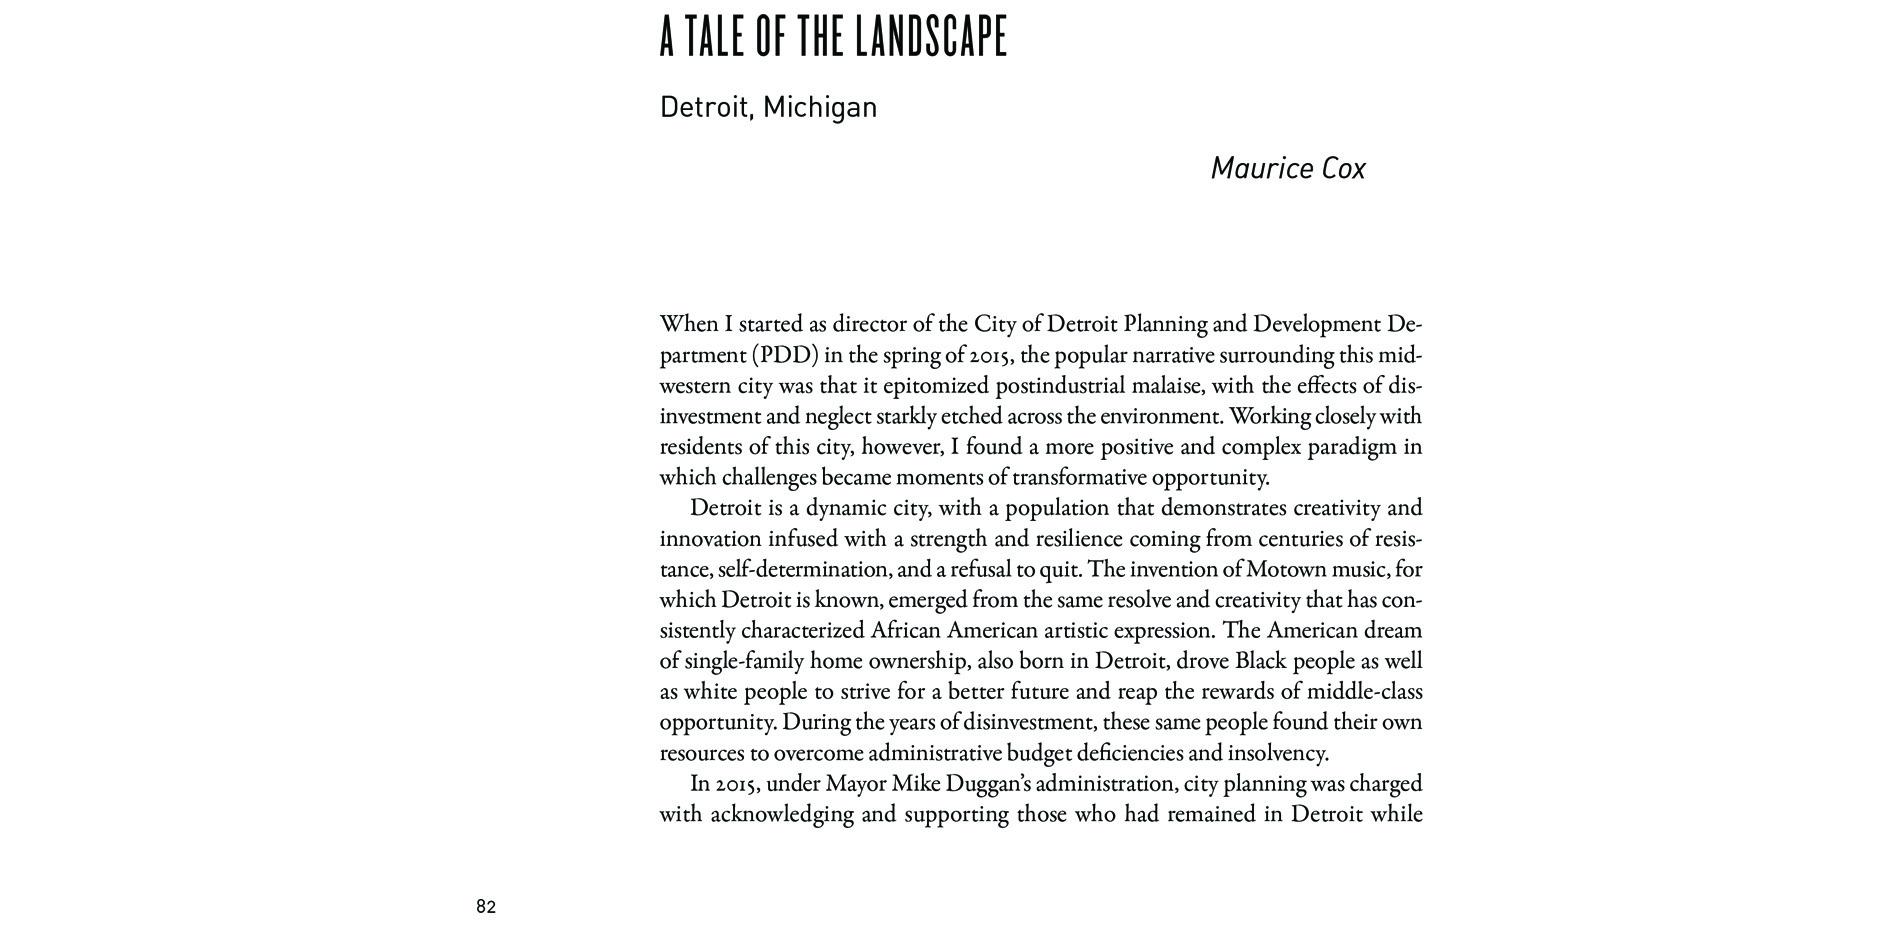 . Black Landscapes Matter, A Tale of the Landscape: Detroit, Michigan (pg. 83)